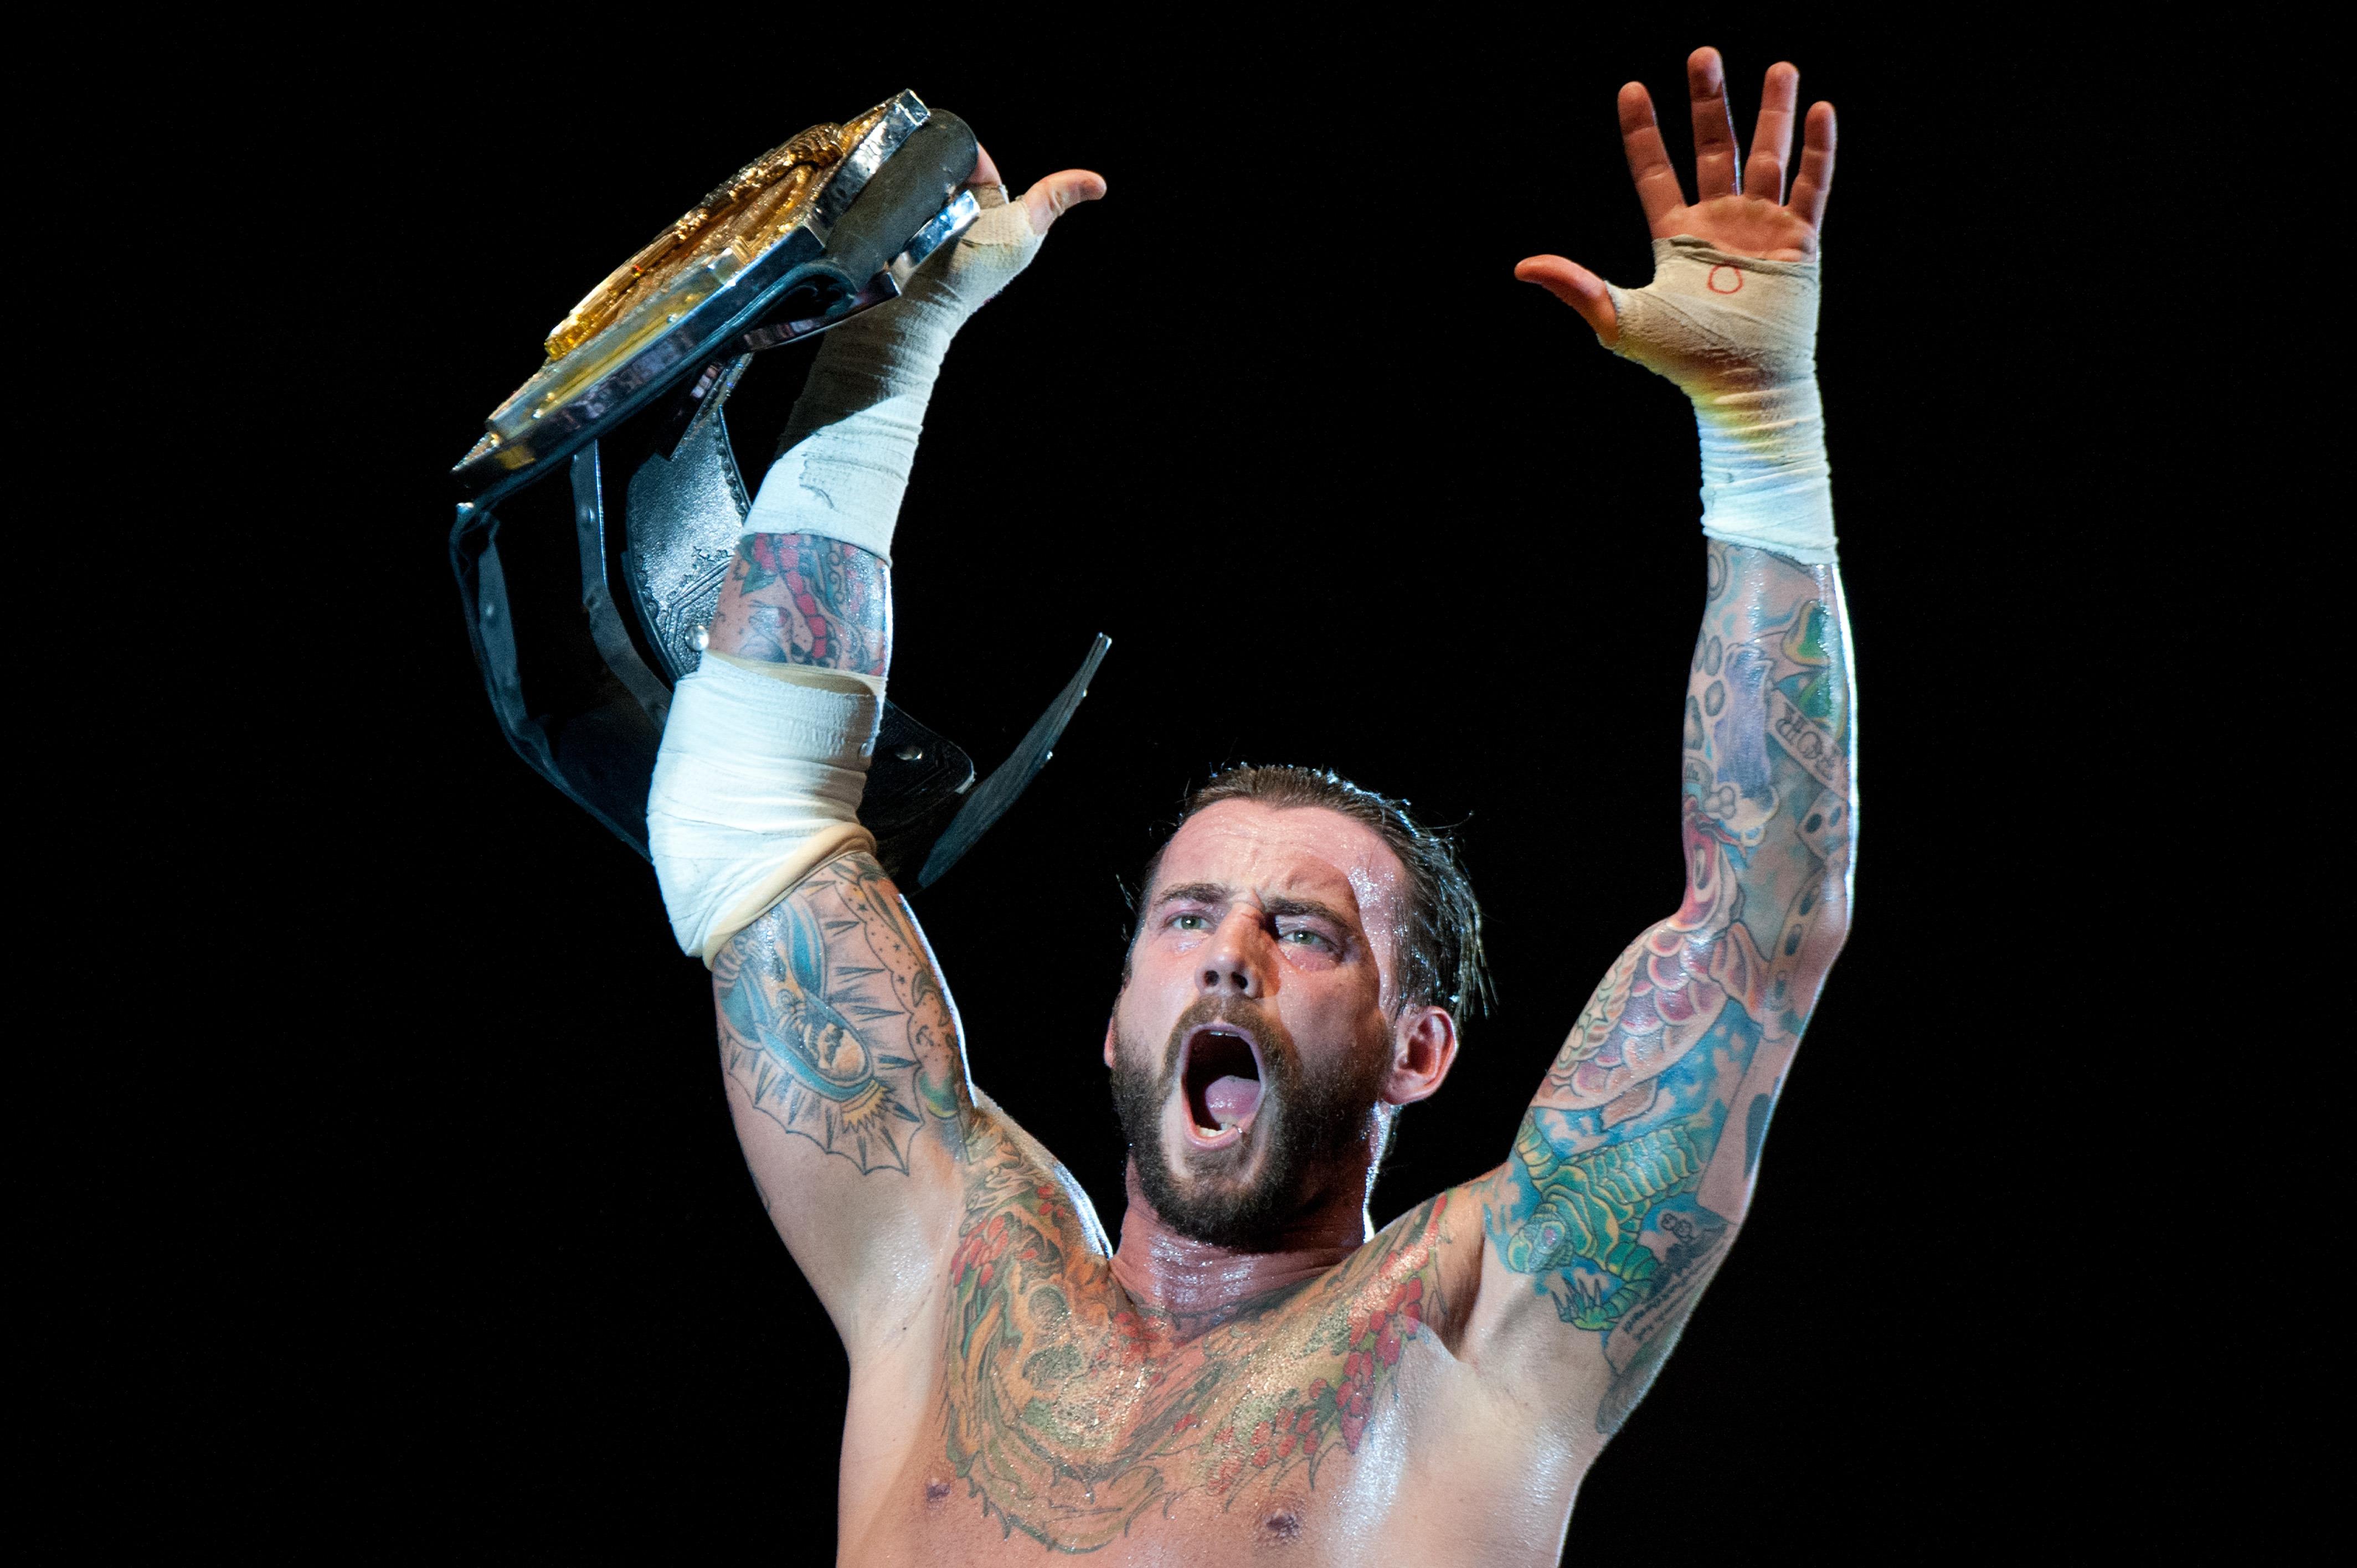 Die WWE darf ab sofort wieder Wrestling-Shows aufzeichnen und übertragen. (Symbolfoto)